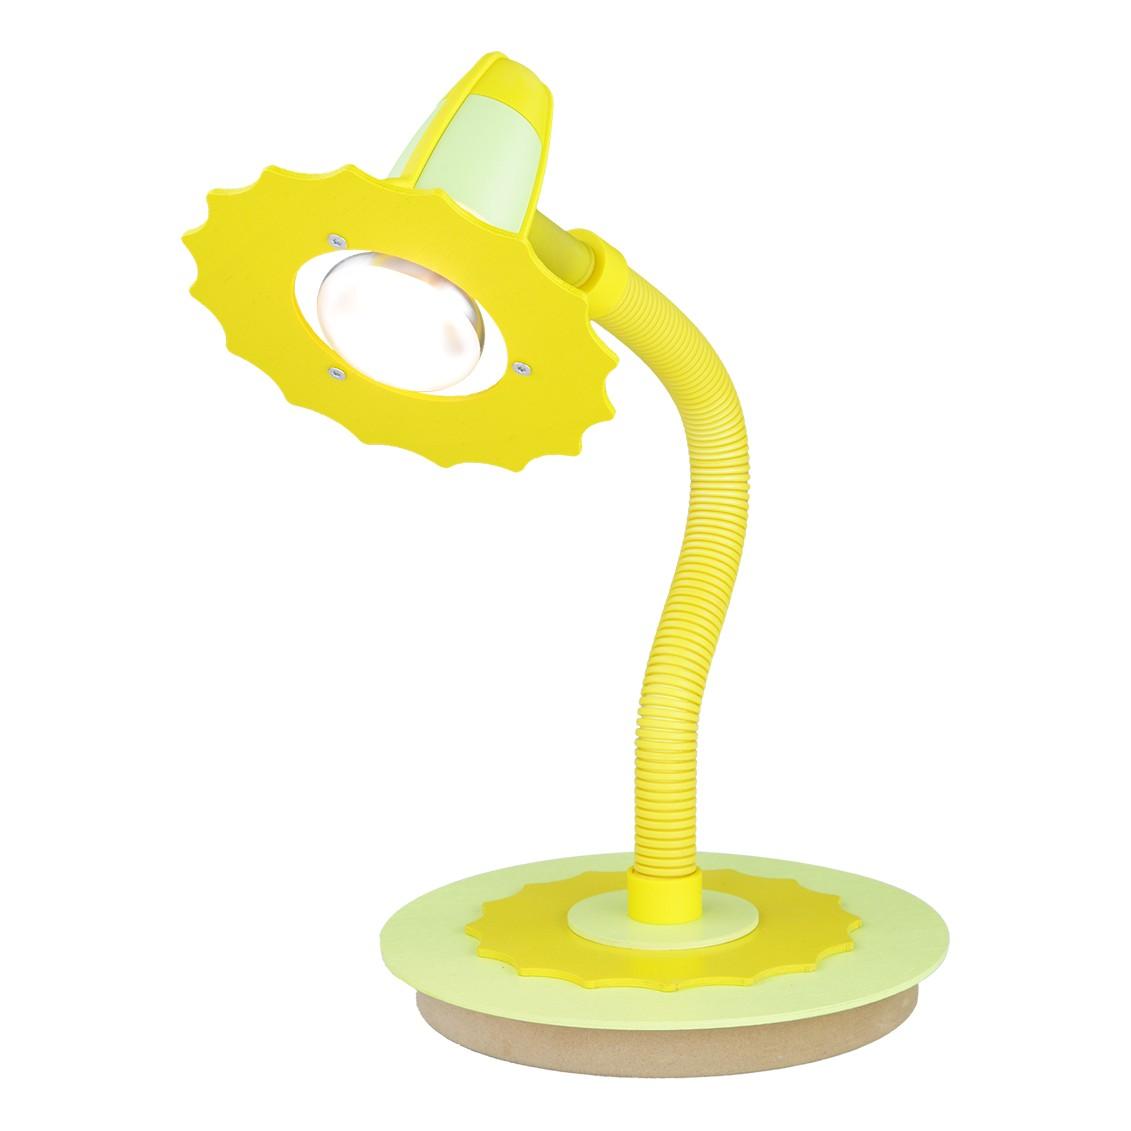 Home 24 - Eek a++, lampe de table fleur - bois 1 ampoule, elobra